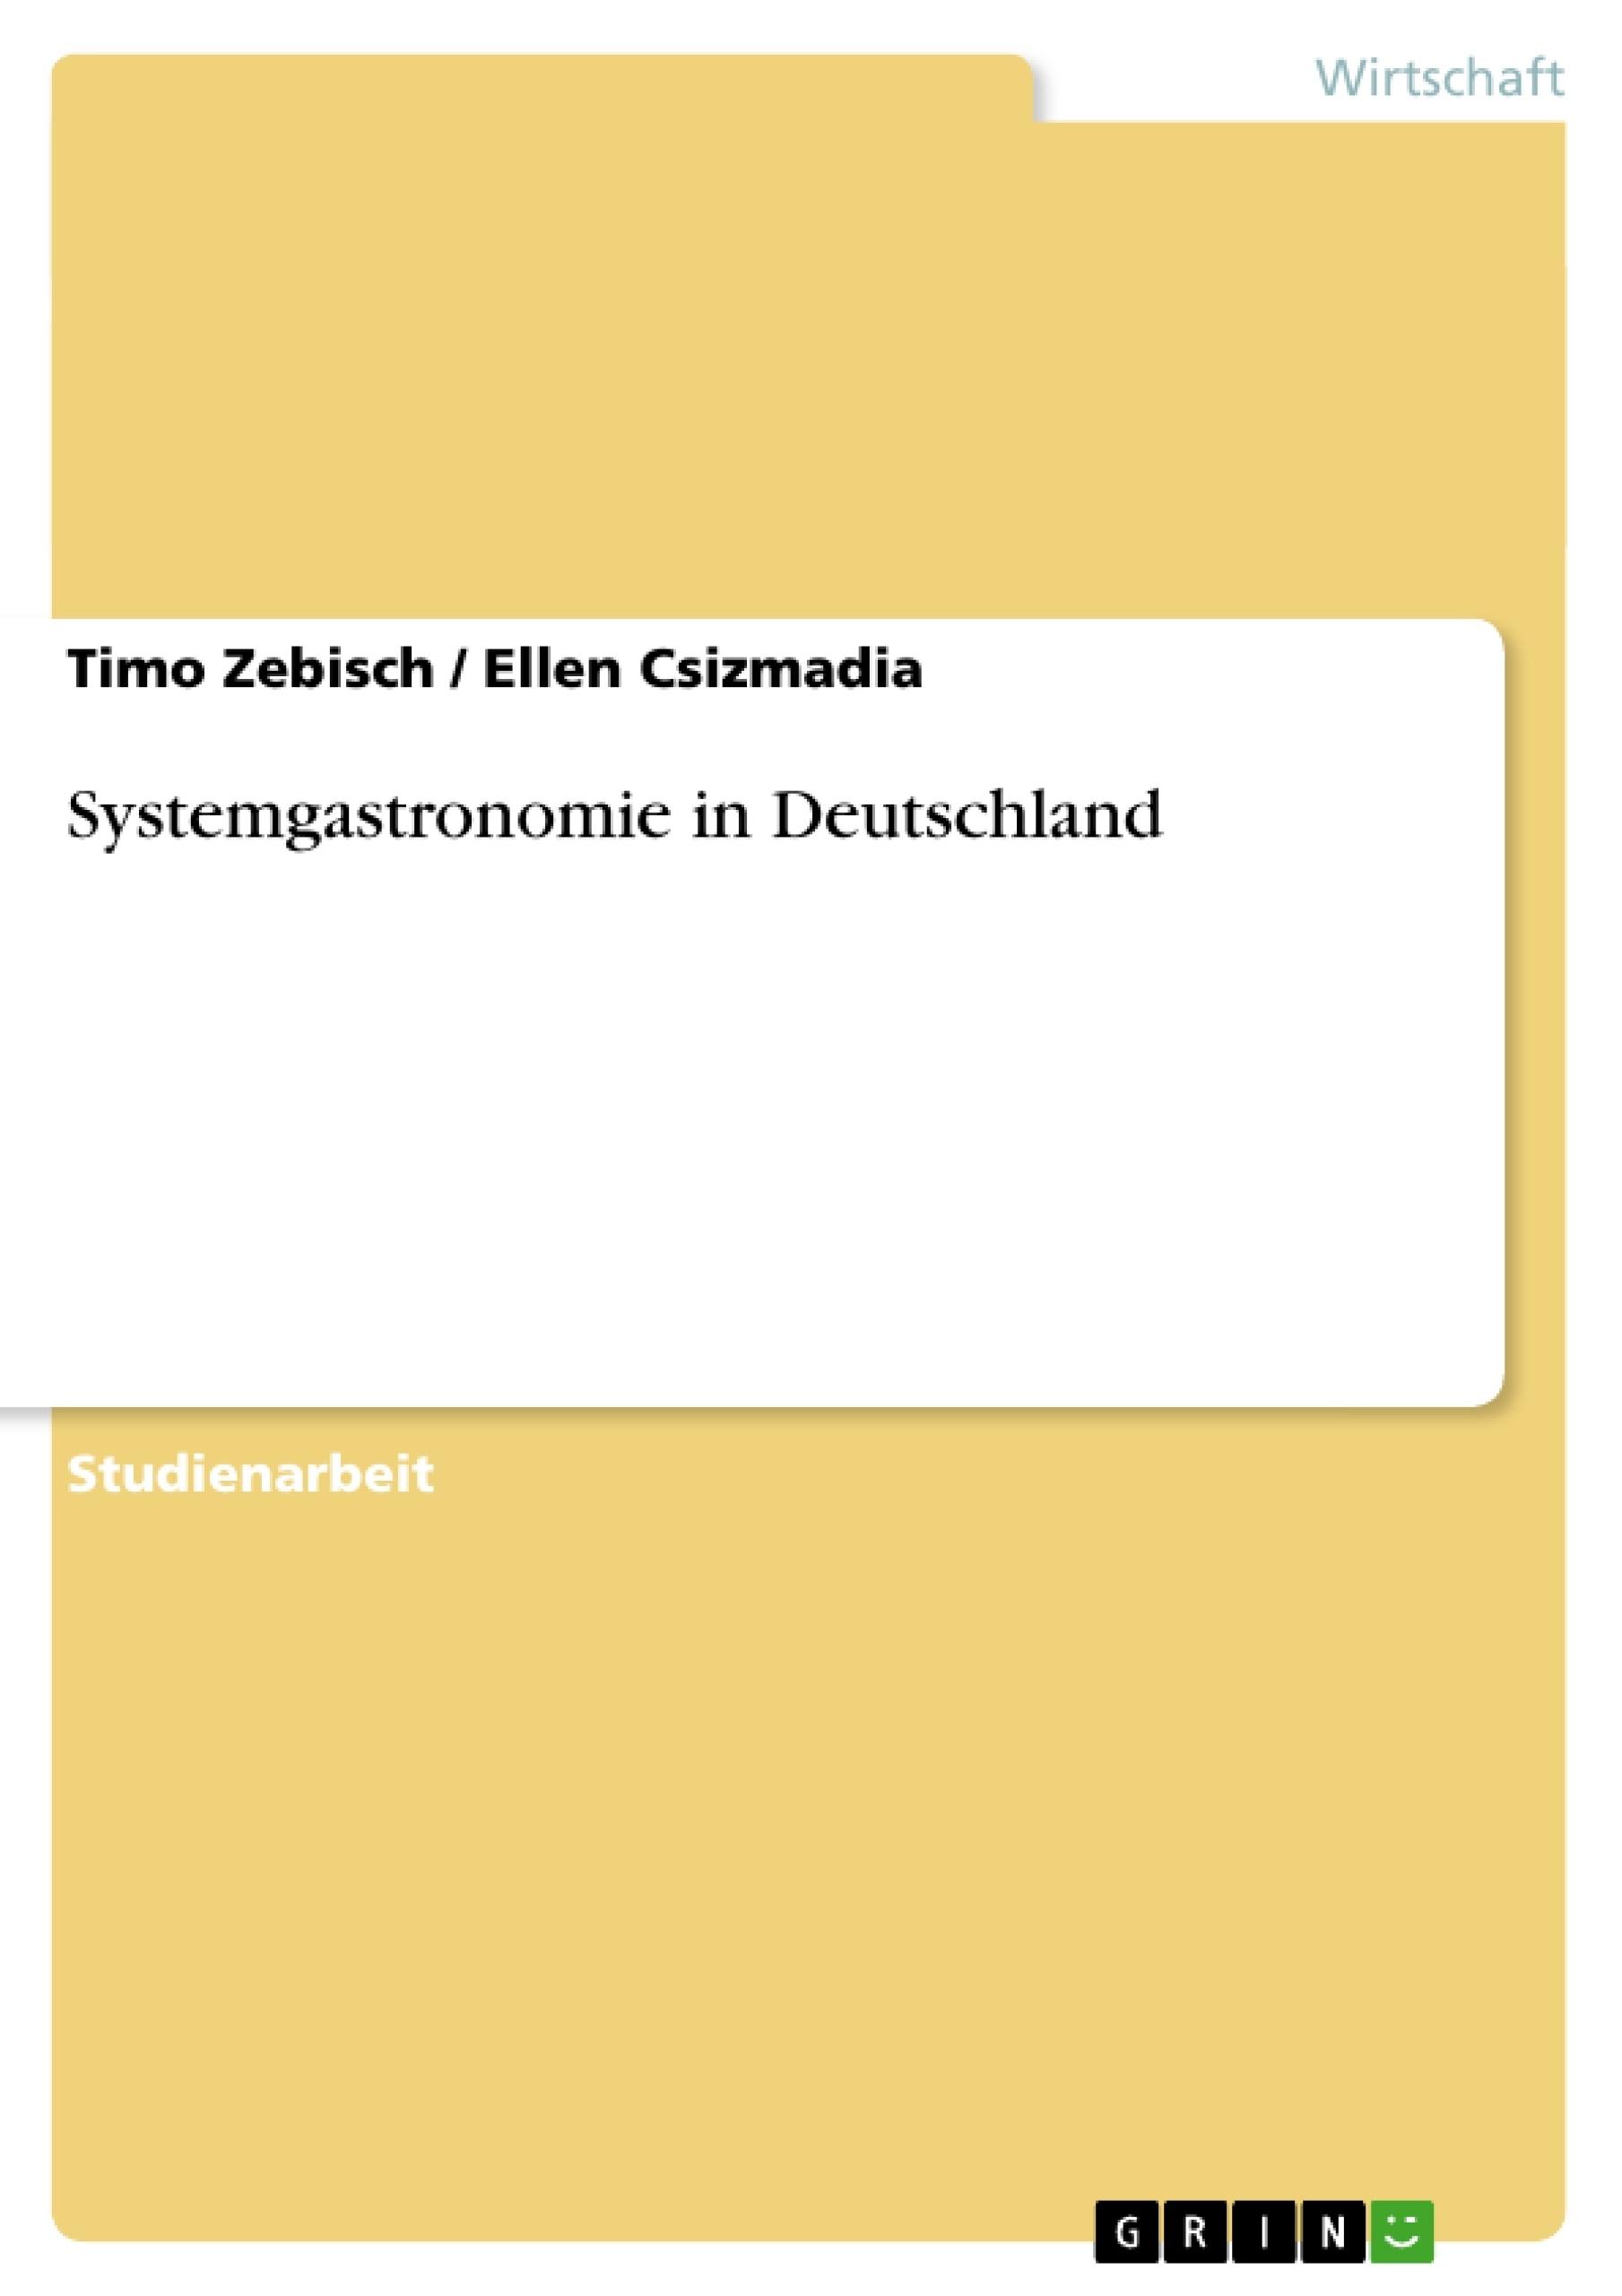 Titel: Systemgastronomie in Deutschland